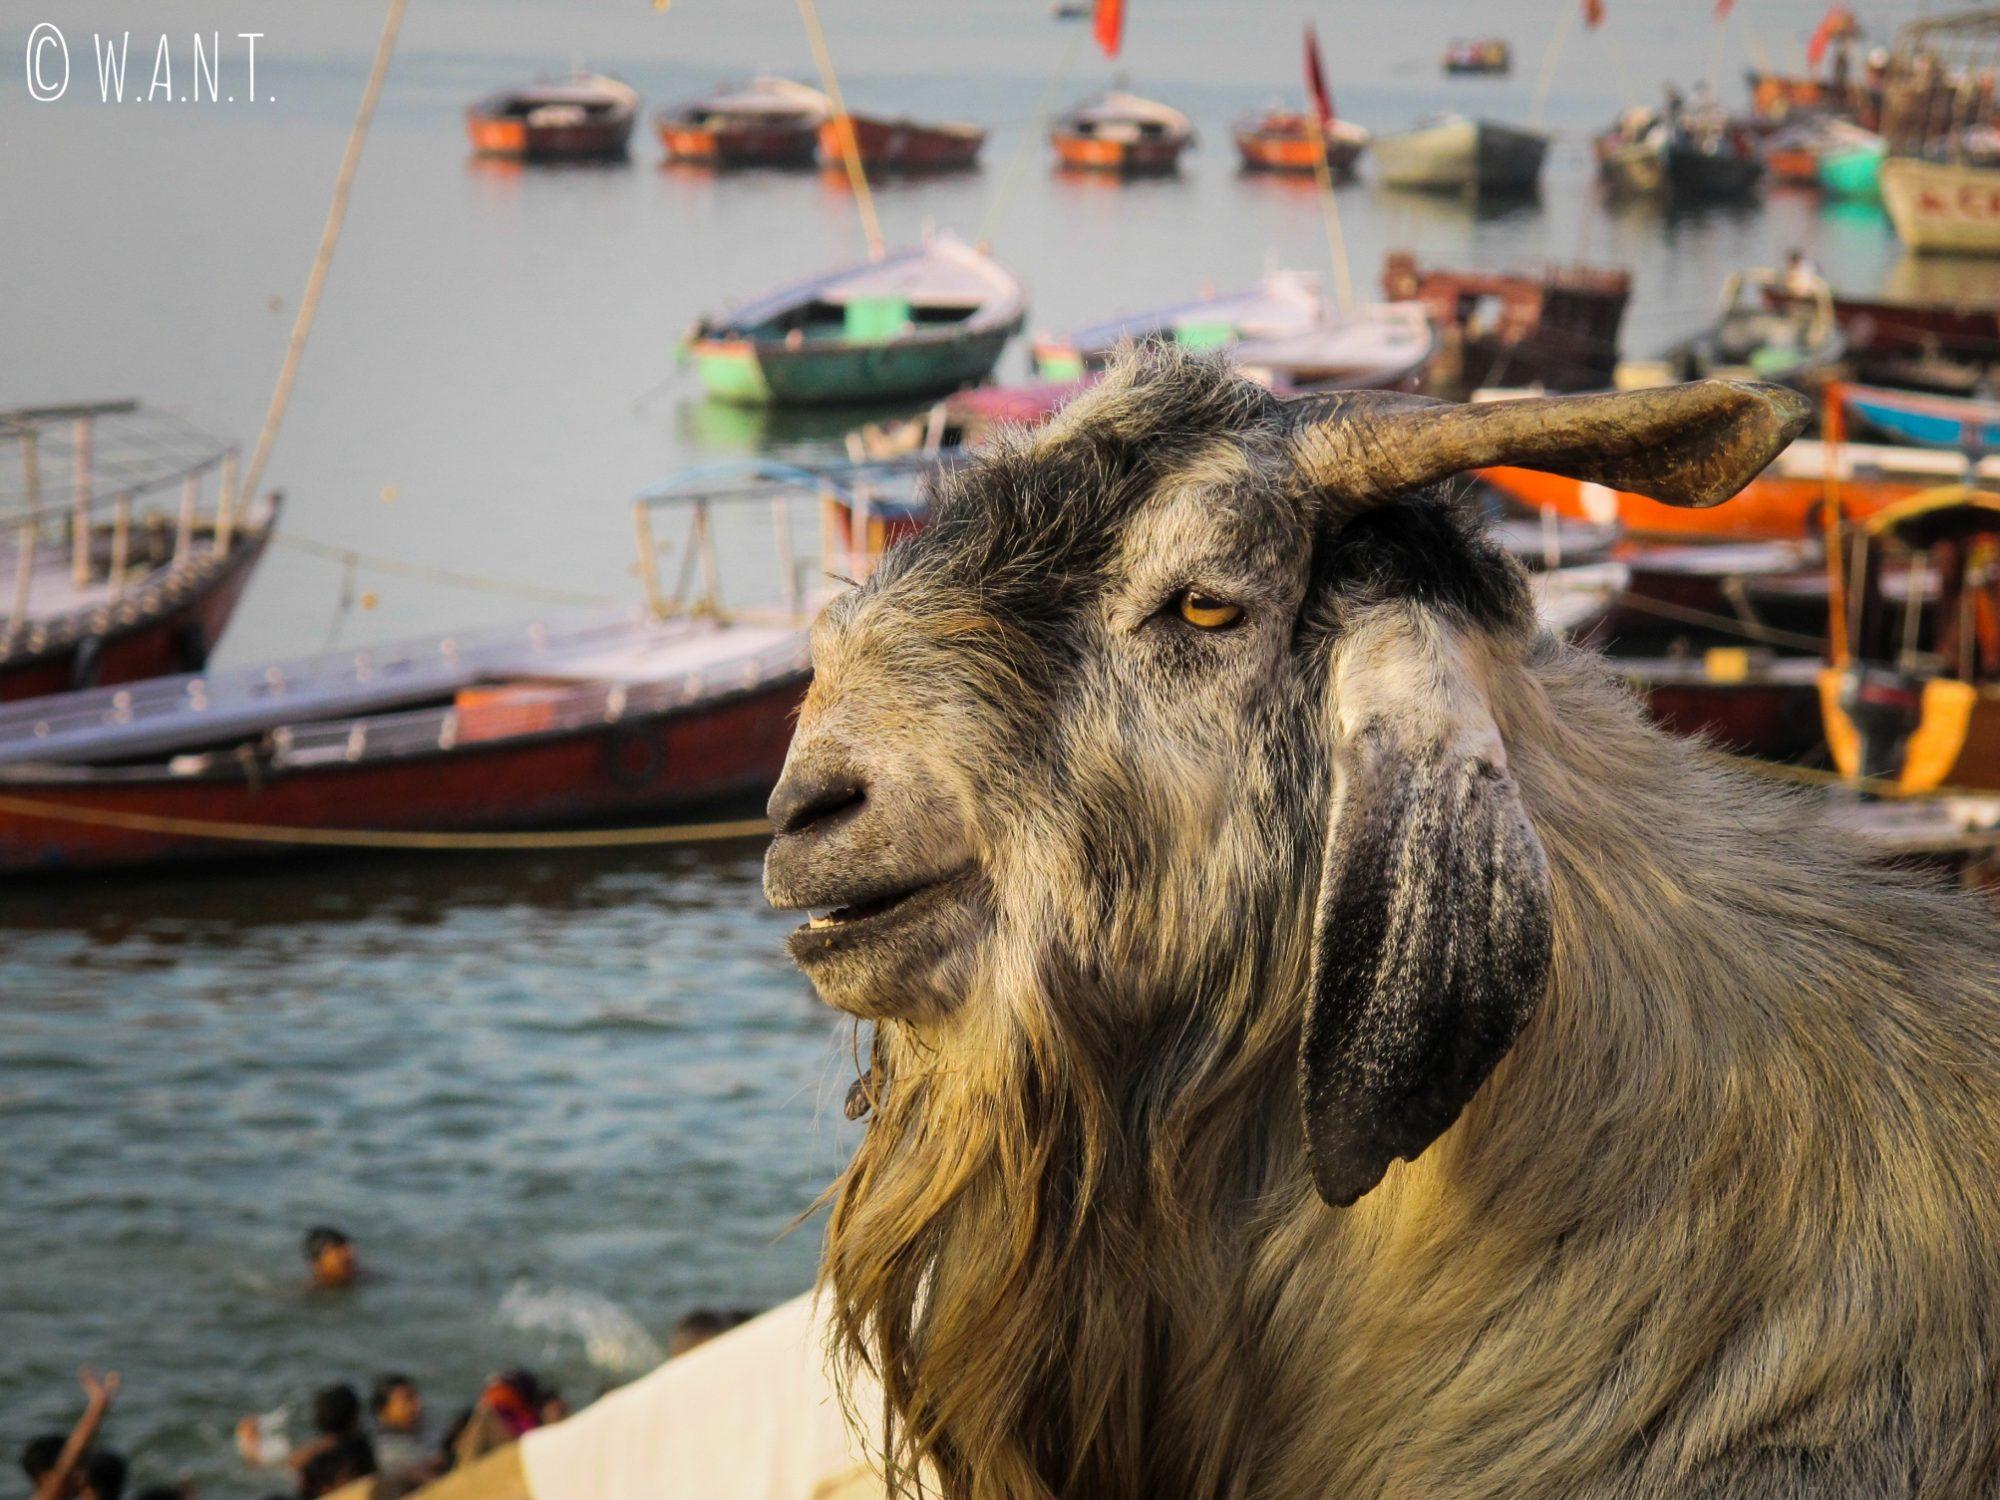 Ce bouc, installé sur le bord du Ghat, contemple paisiblement le Gange